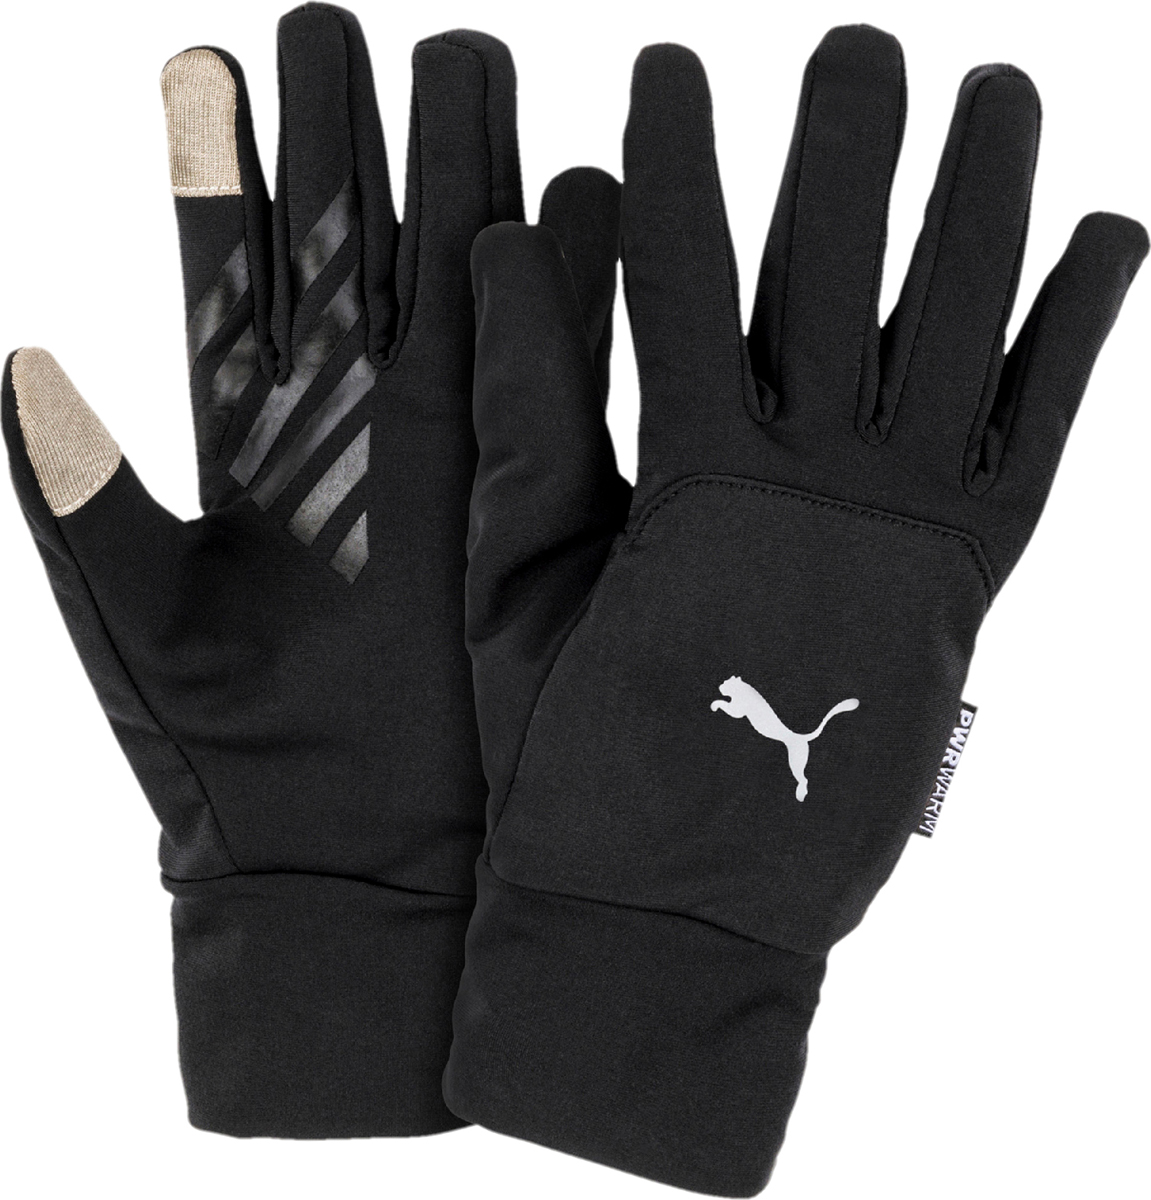 Перчатки Puma Pr Warm Gloves, цвет: черный. 04146201. Размер S (7)